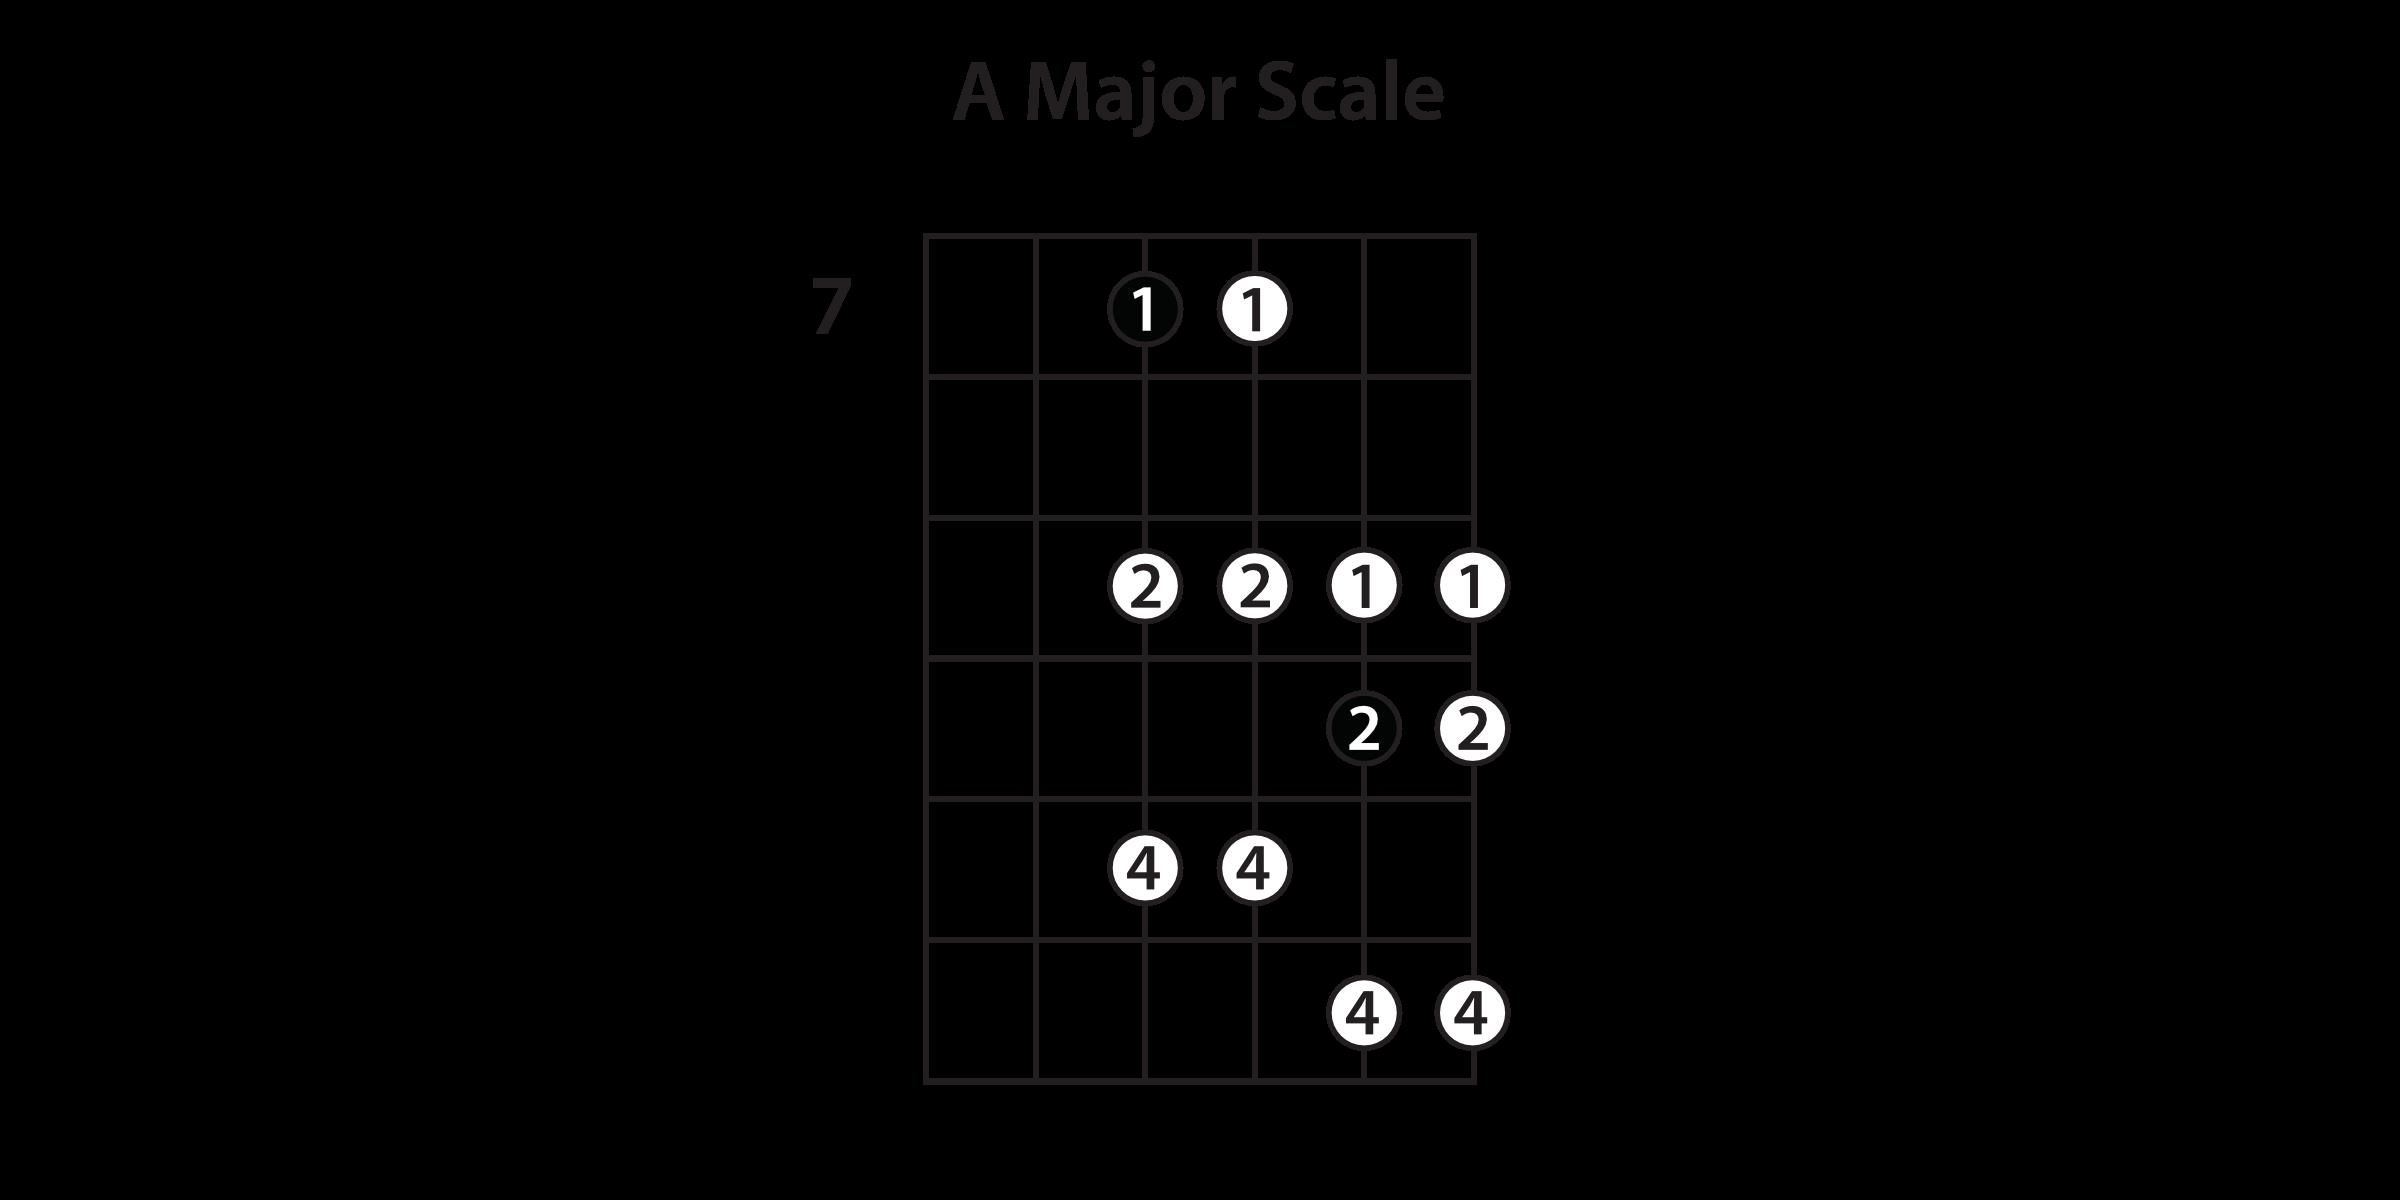 Scale Diagram